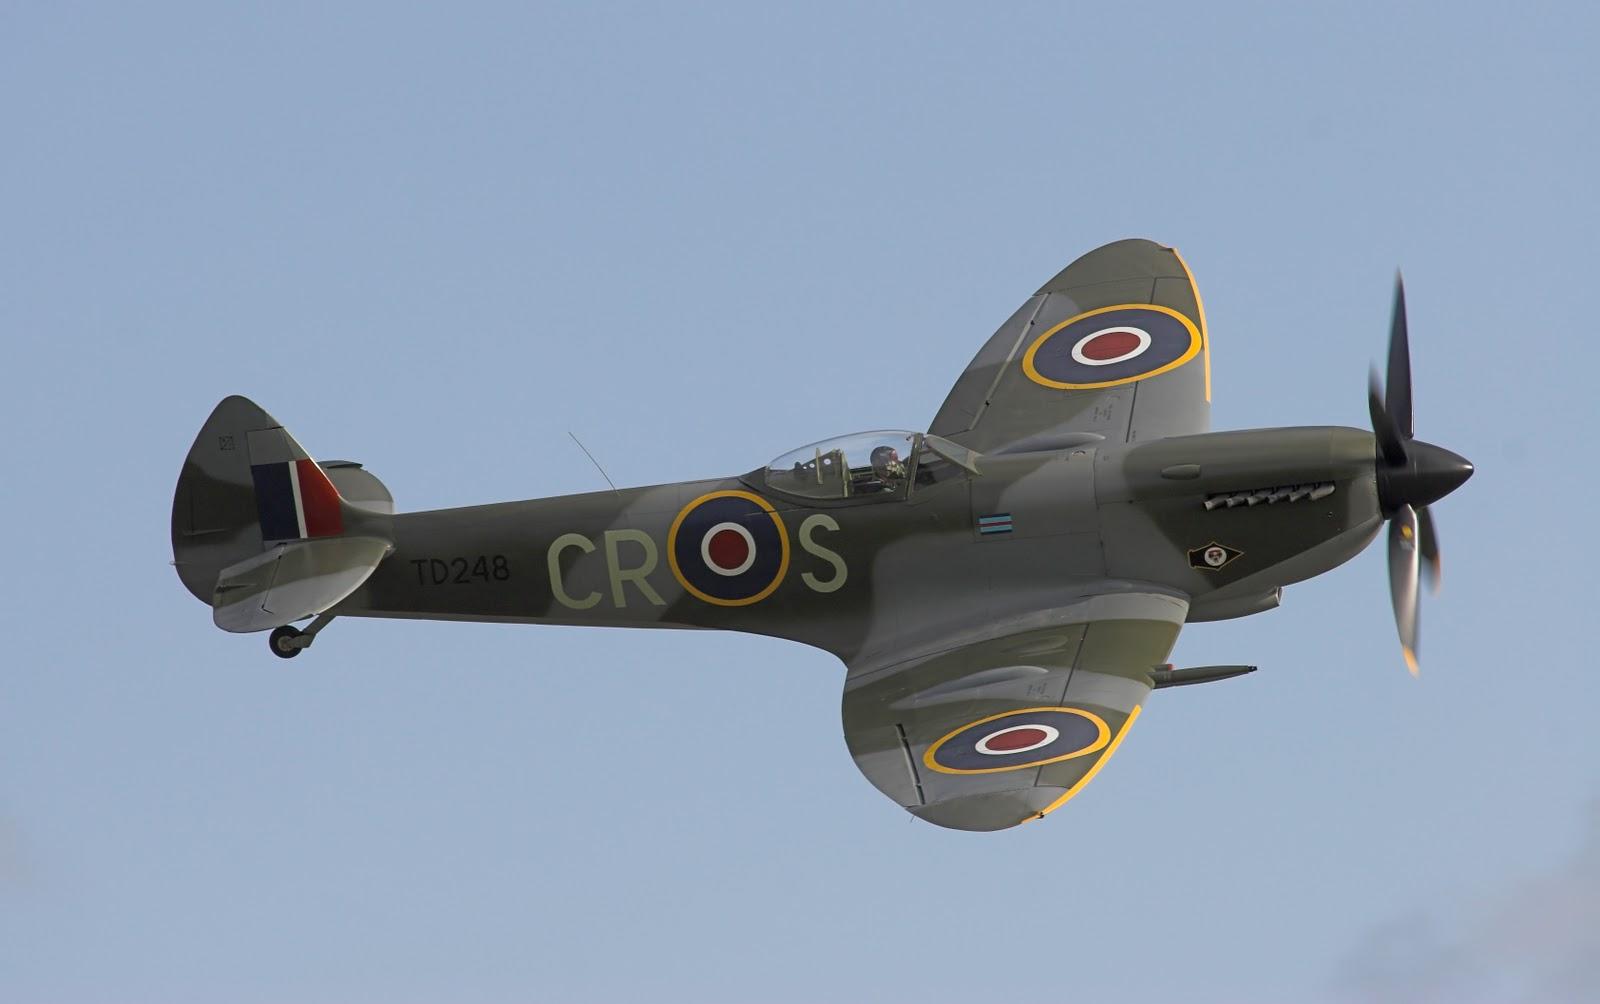 http://3.bp.blogspot.com/_5cW6qfD8A60/TSWZPKf9FeI/AAAAAAAAACg/heAKp4zmDMs/s1600/Supermarine_Spitfire_Mk_XVI_NR.jpg